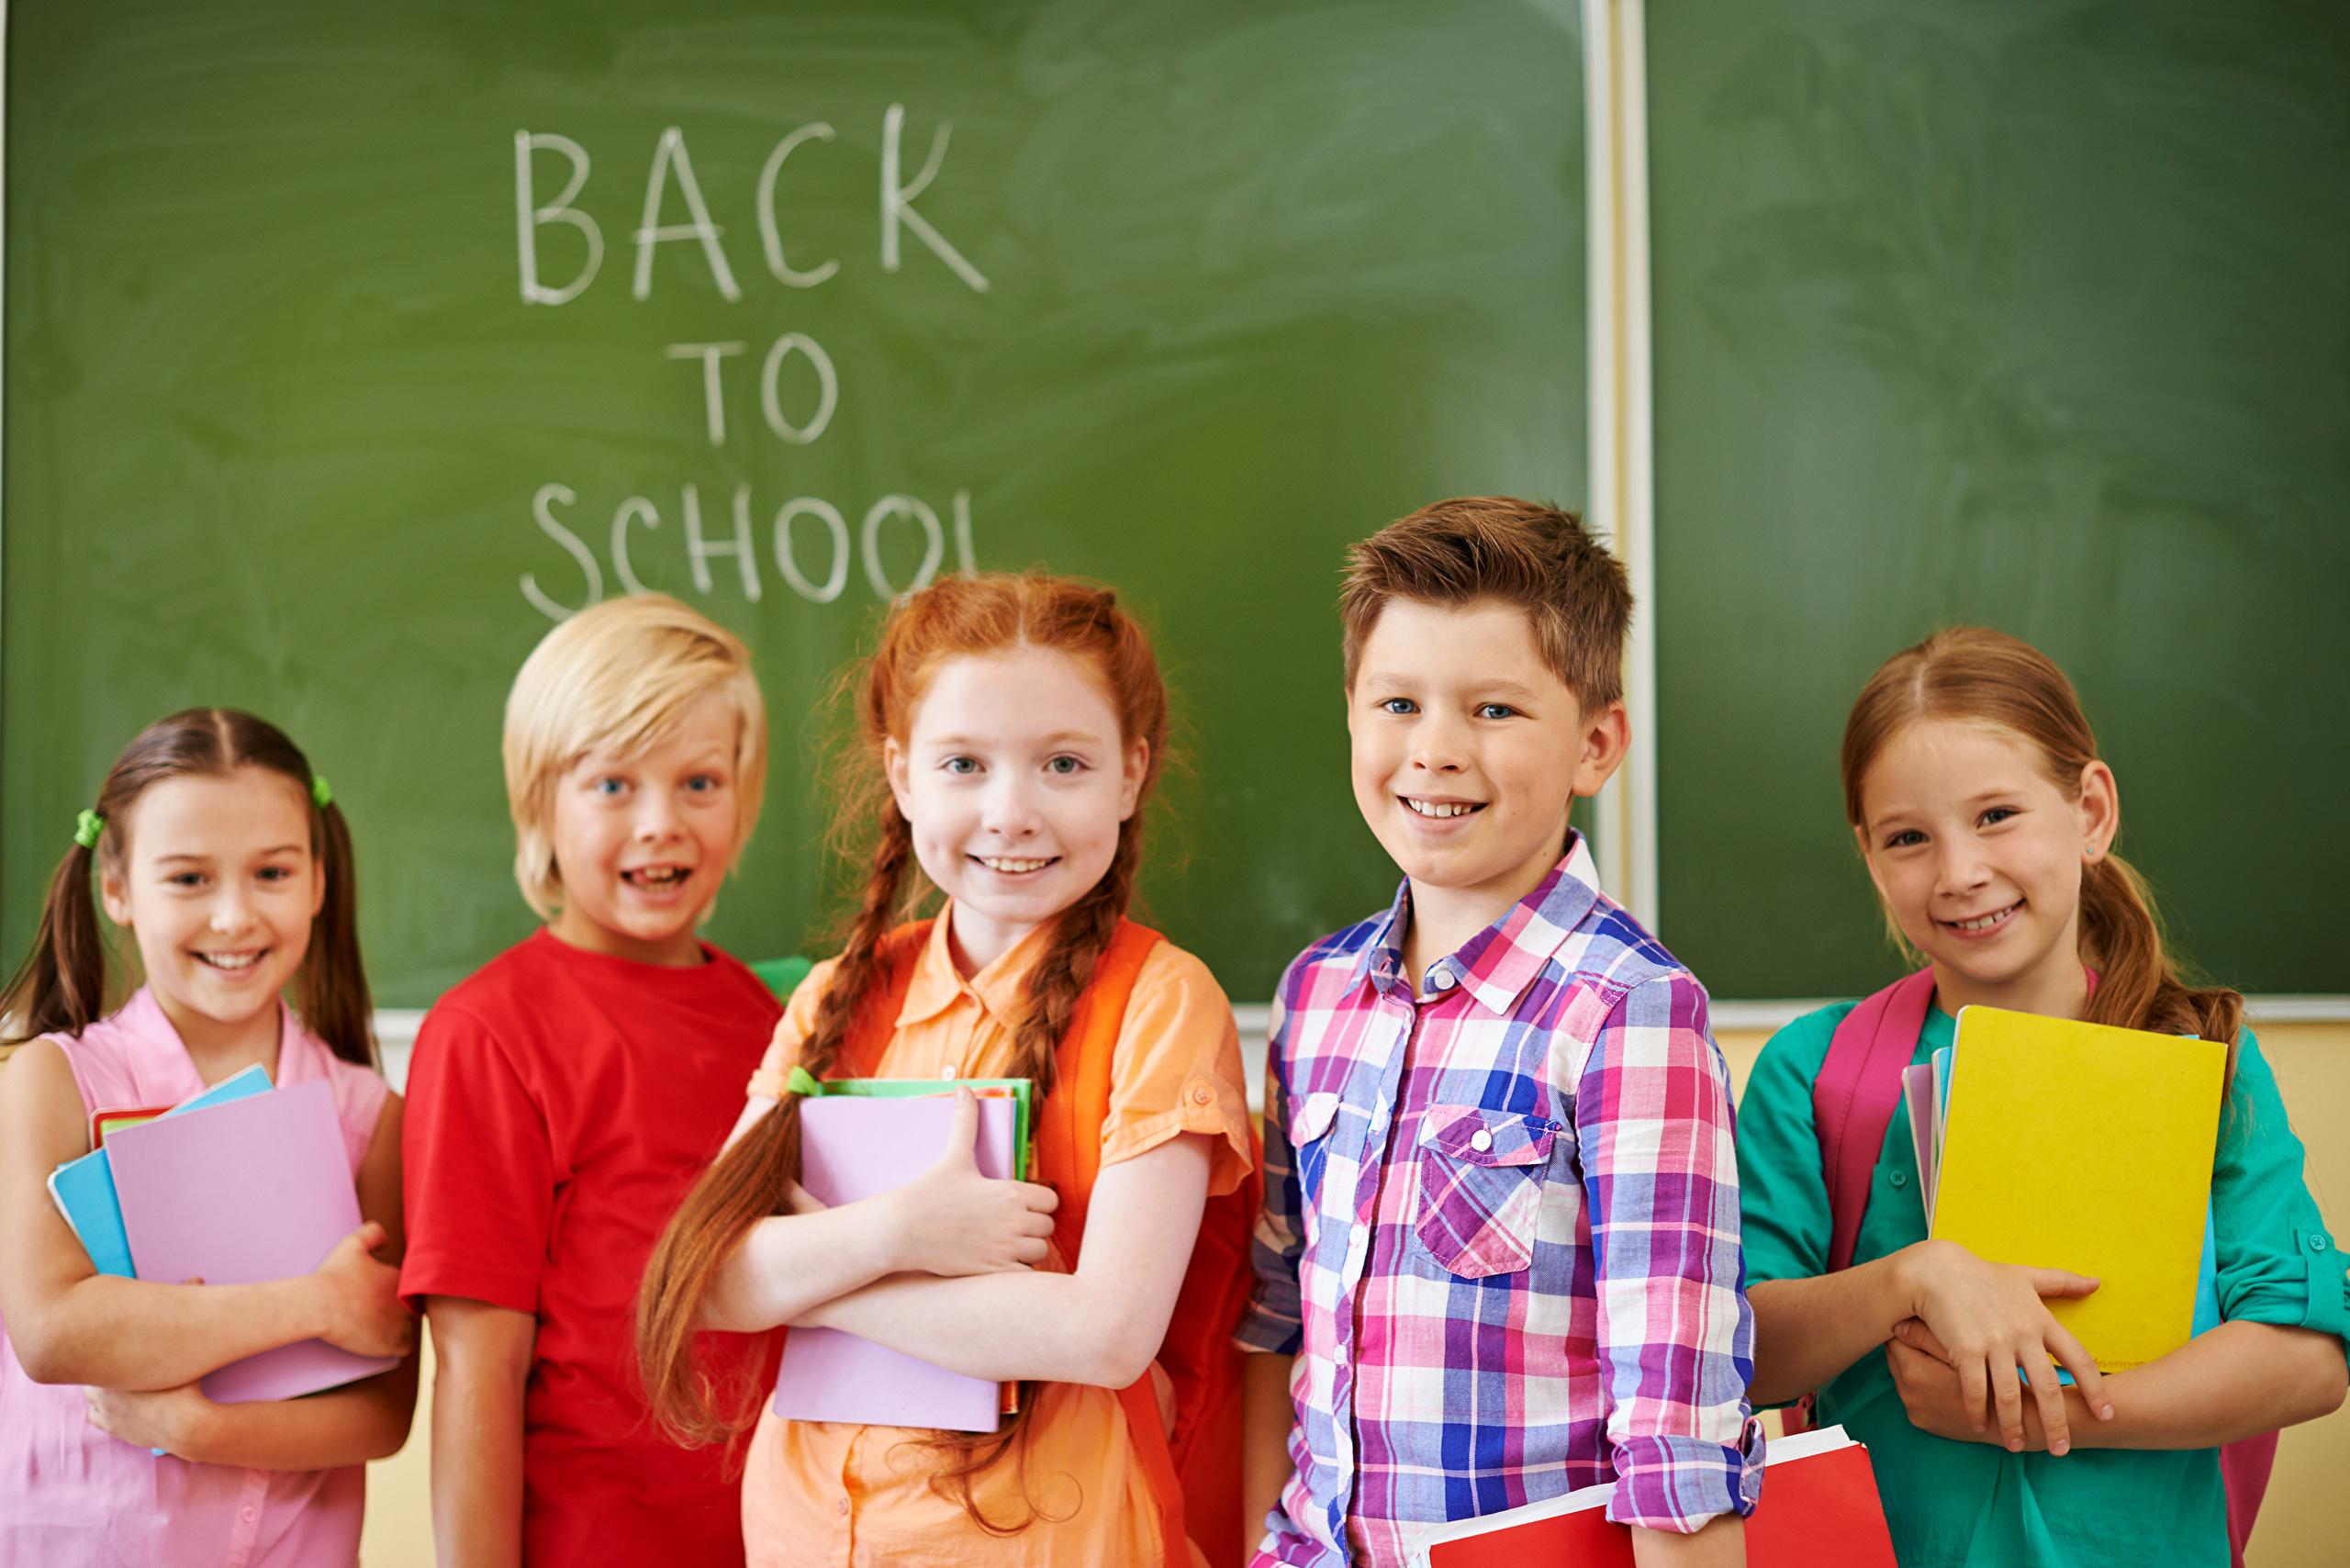 روش های یادگیری زبان دوم در کودکان